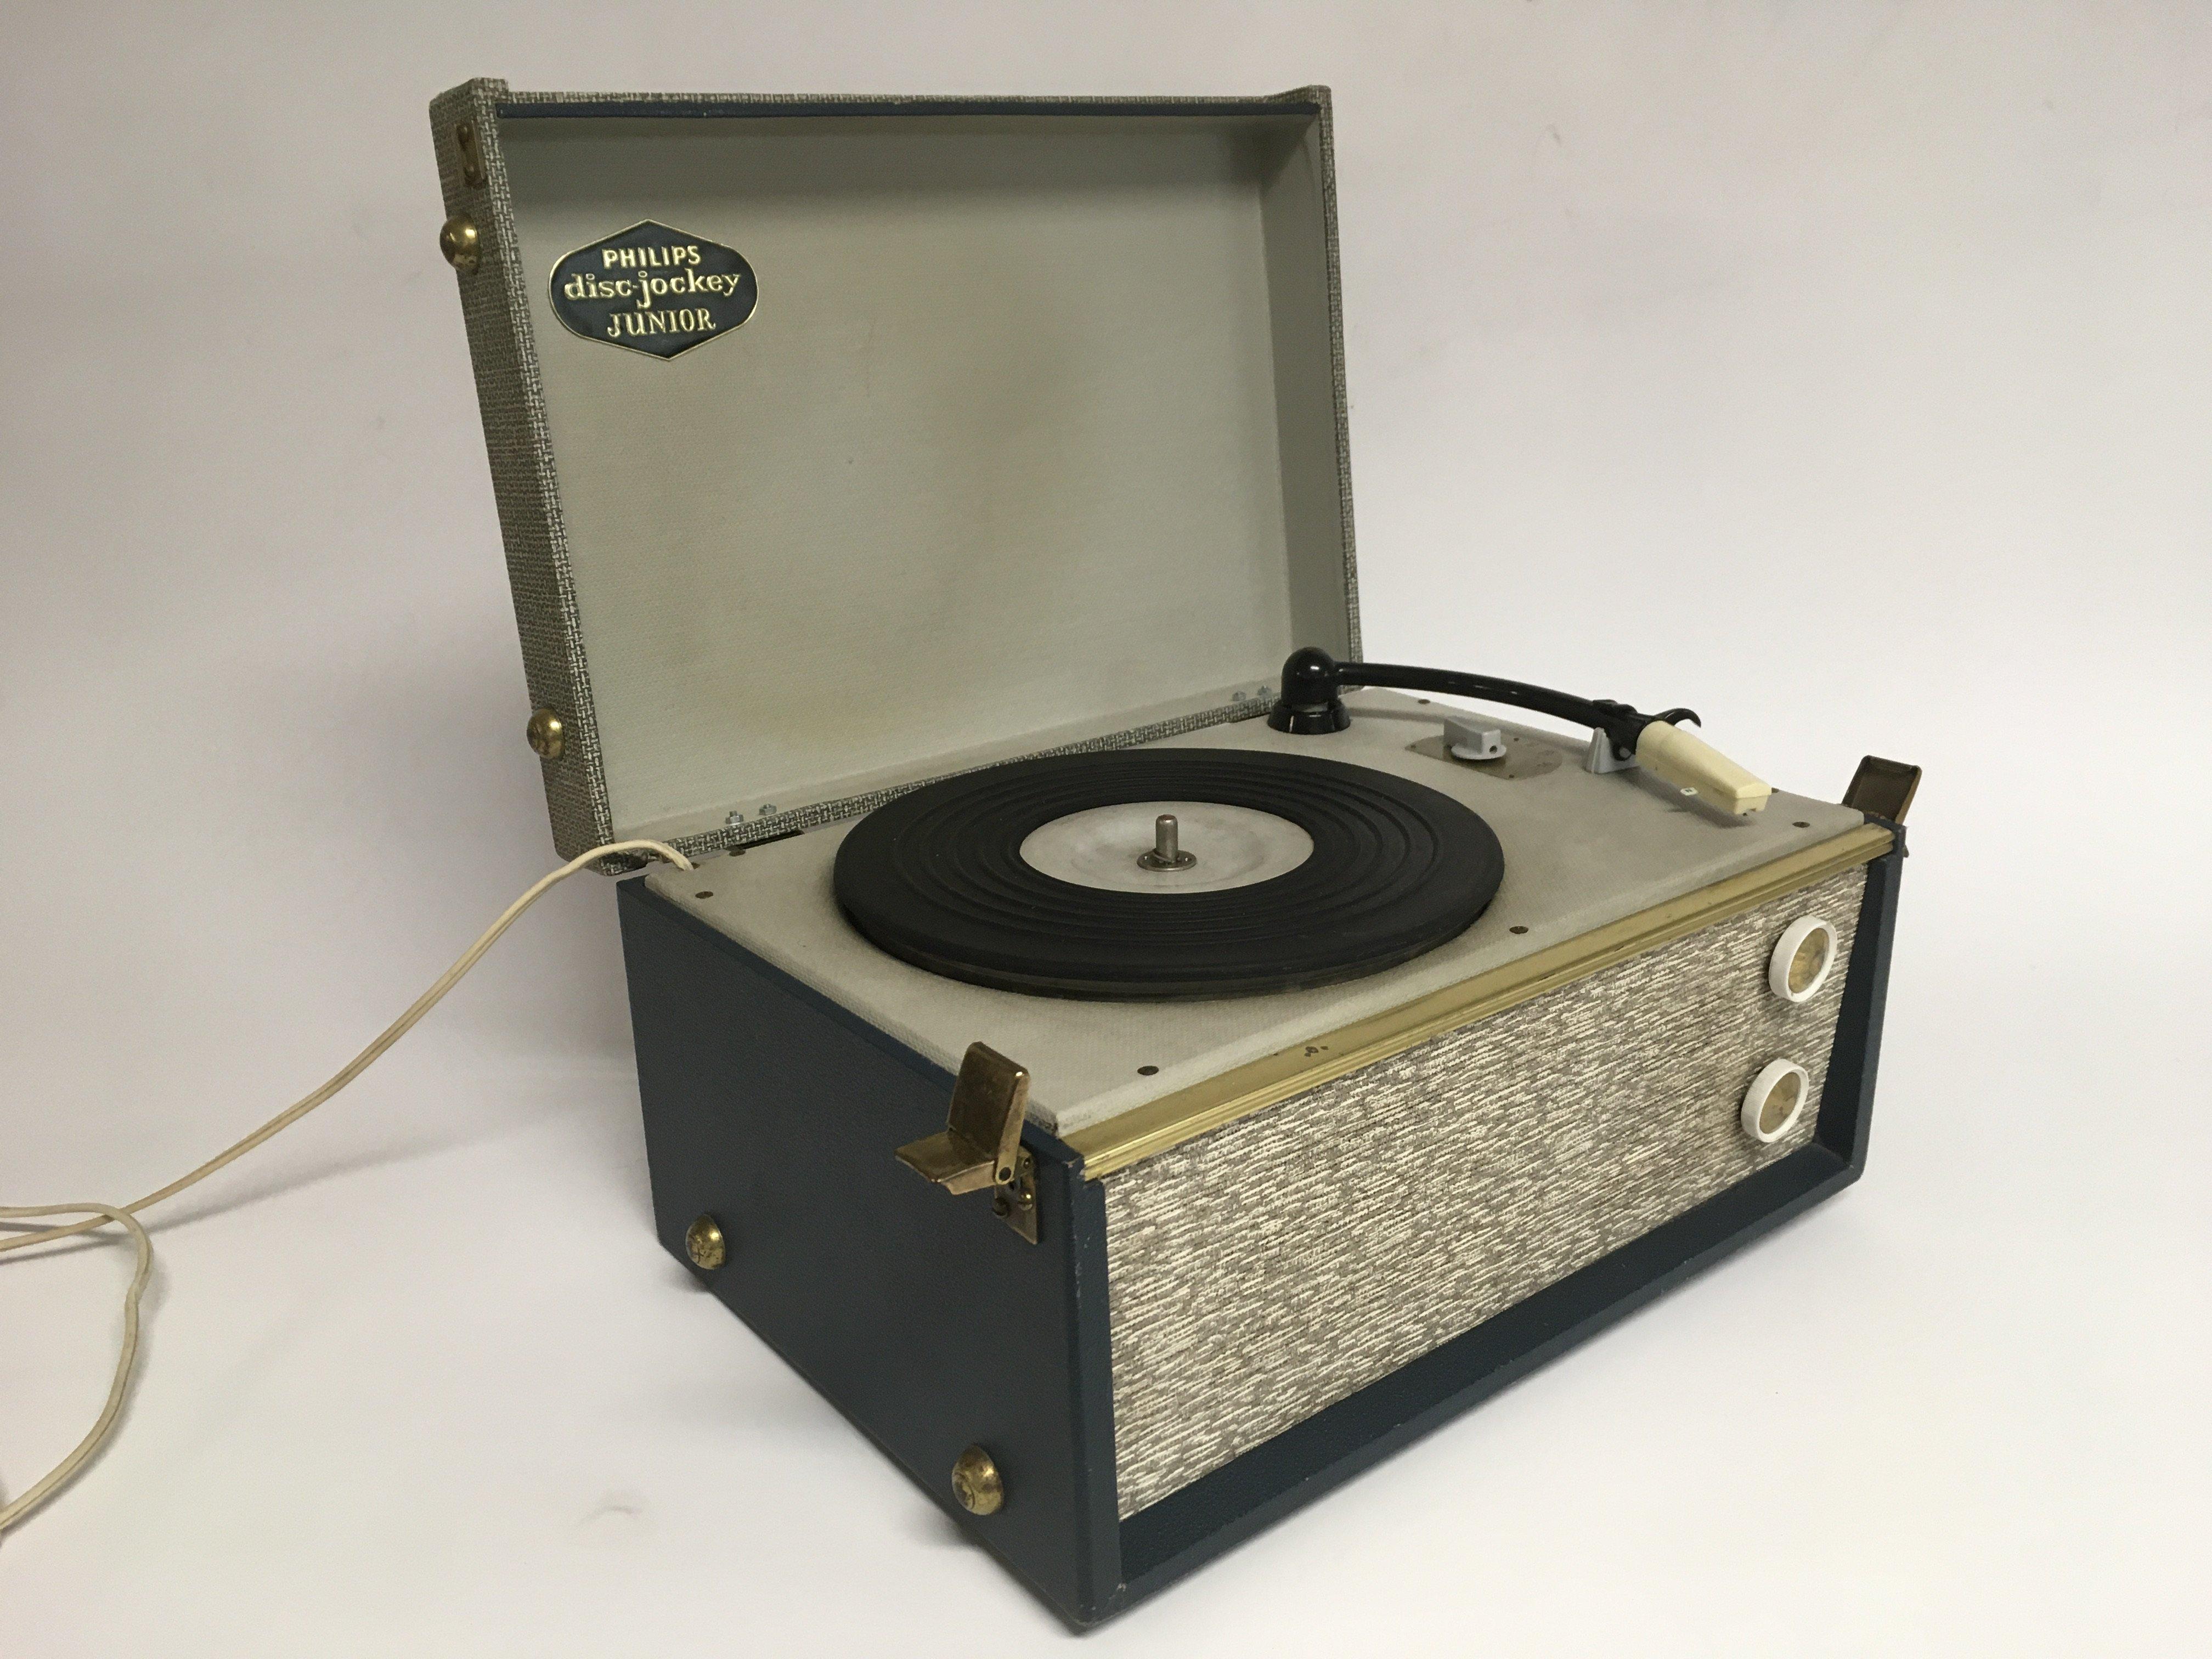 A vintage Philips Disc Jockey Junior portable reco